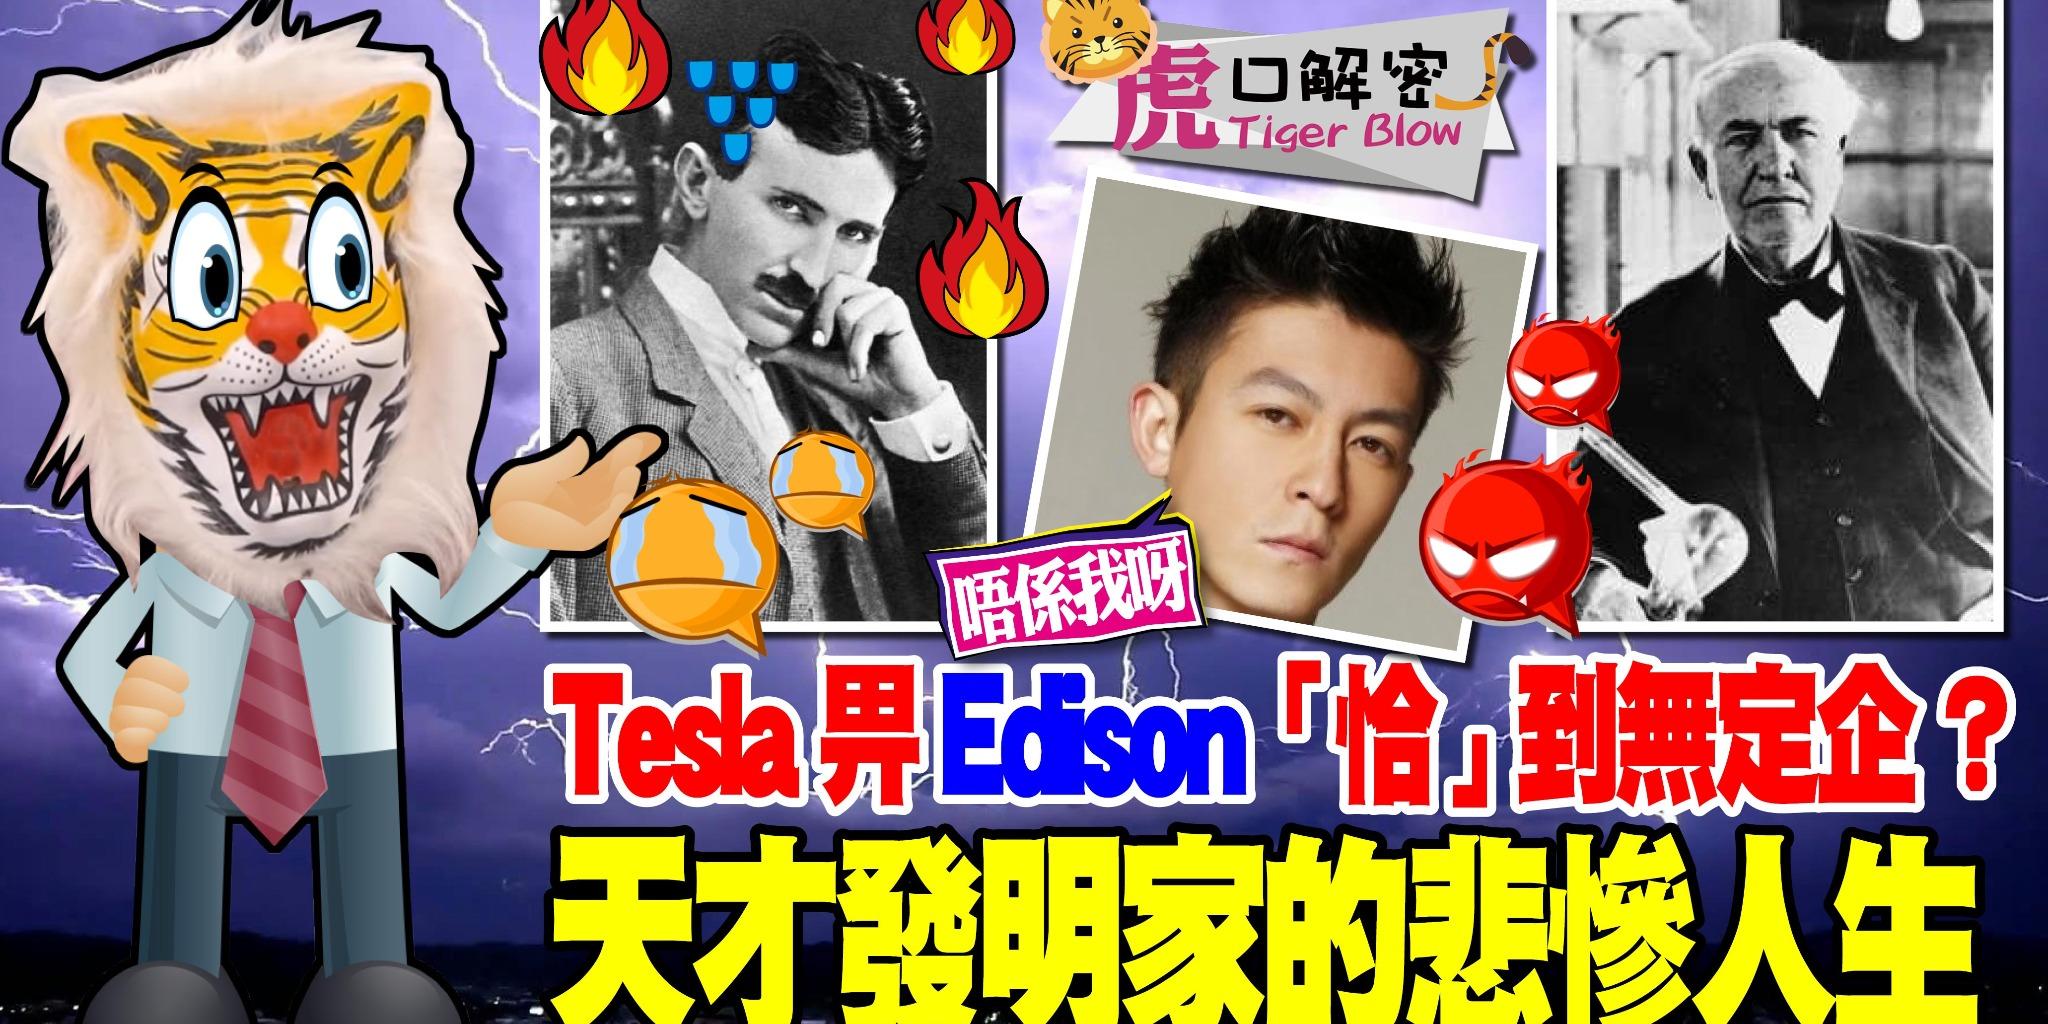 虎口解密|Tesla 畀 Edison「恰」到無定企?天才發明家的悲慘人生